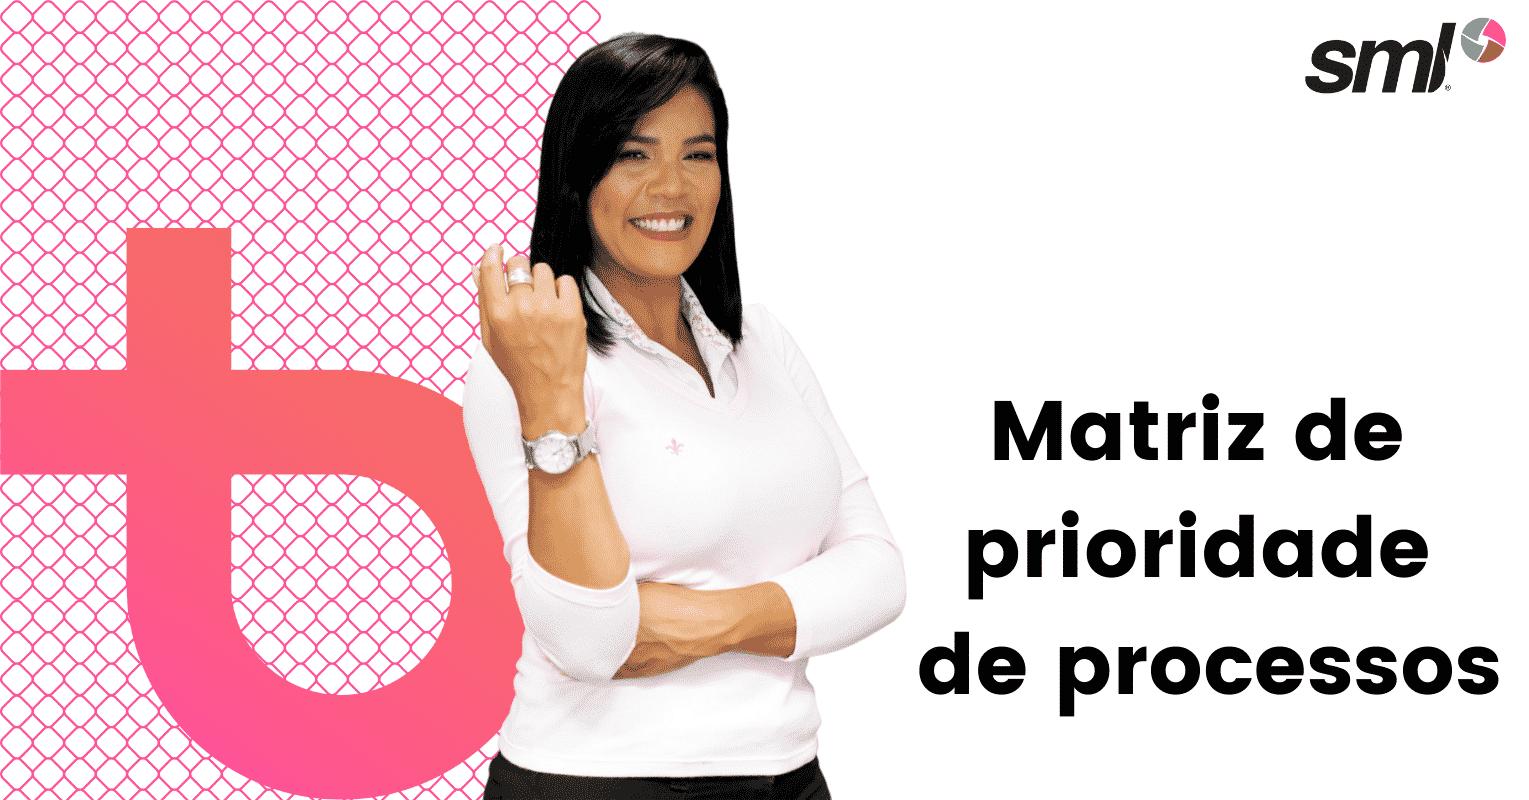 Banner] Matriz de prioridade de processos